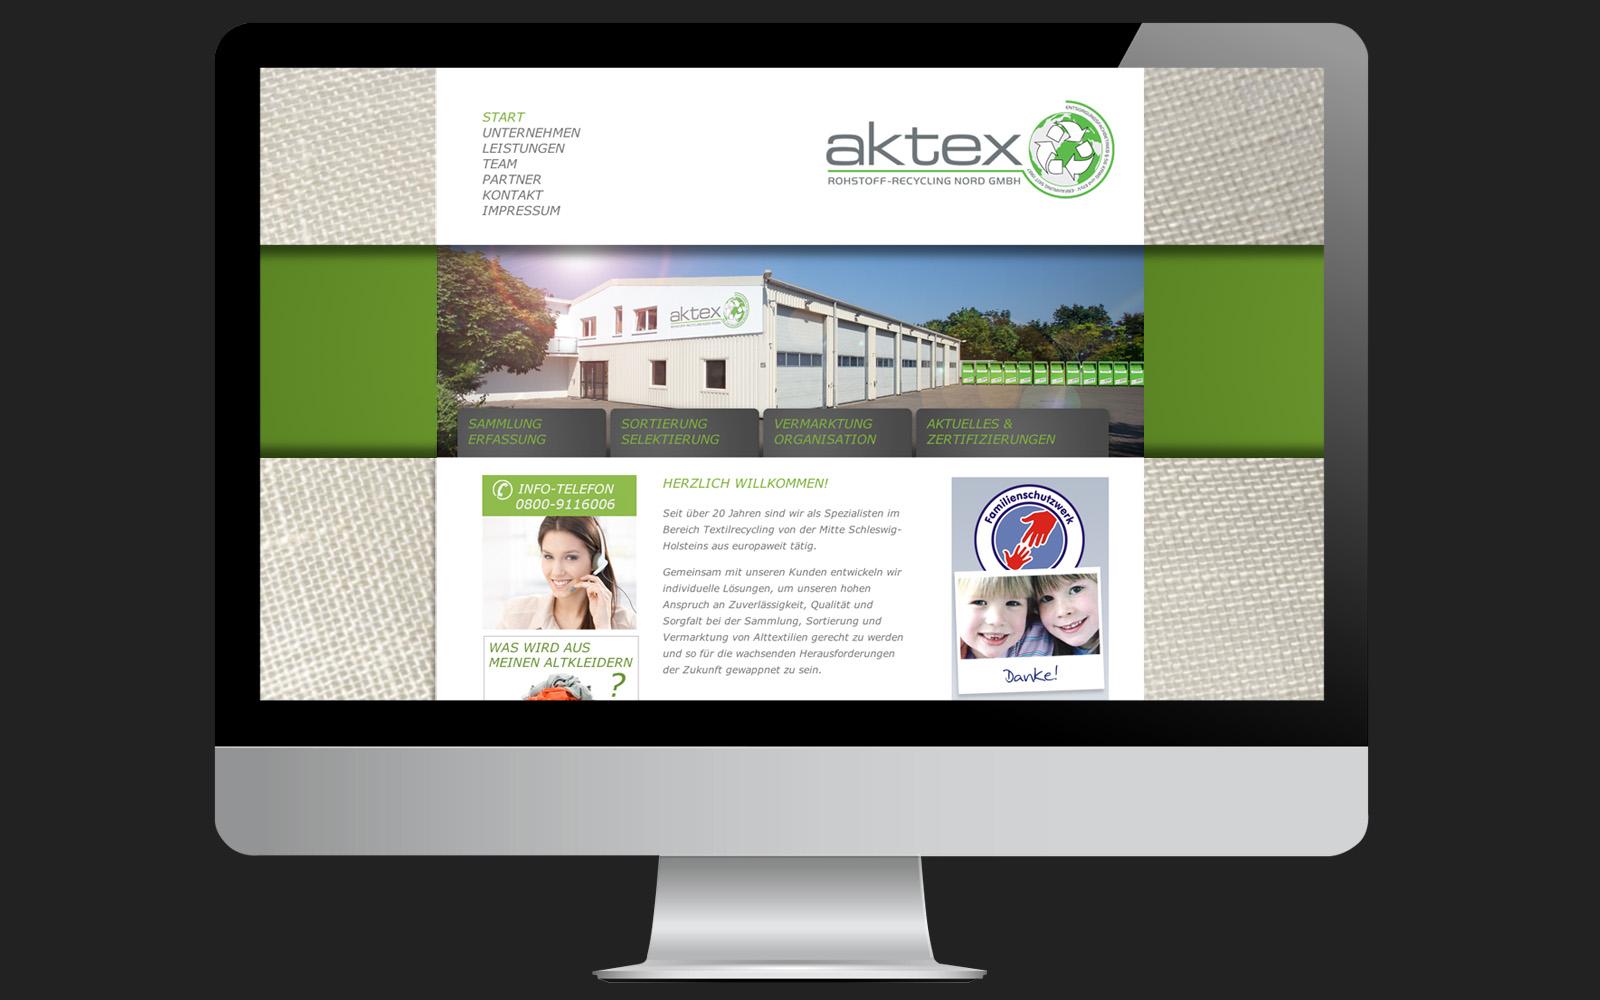 web_aktex s.jpg